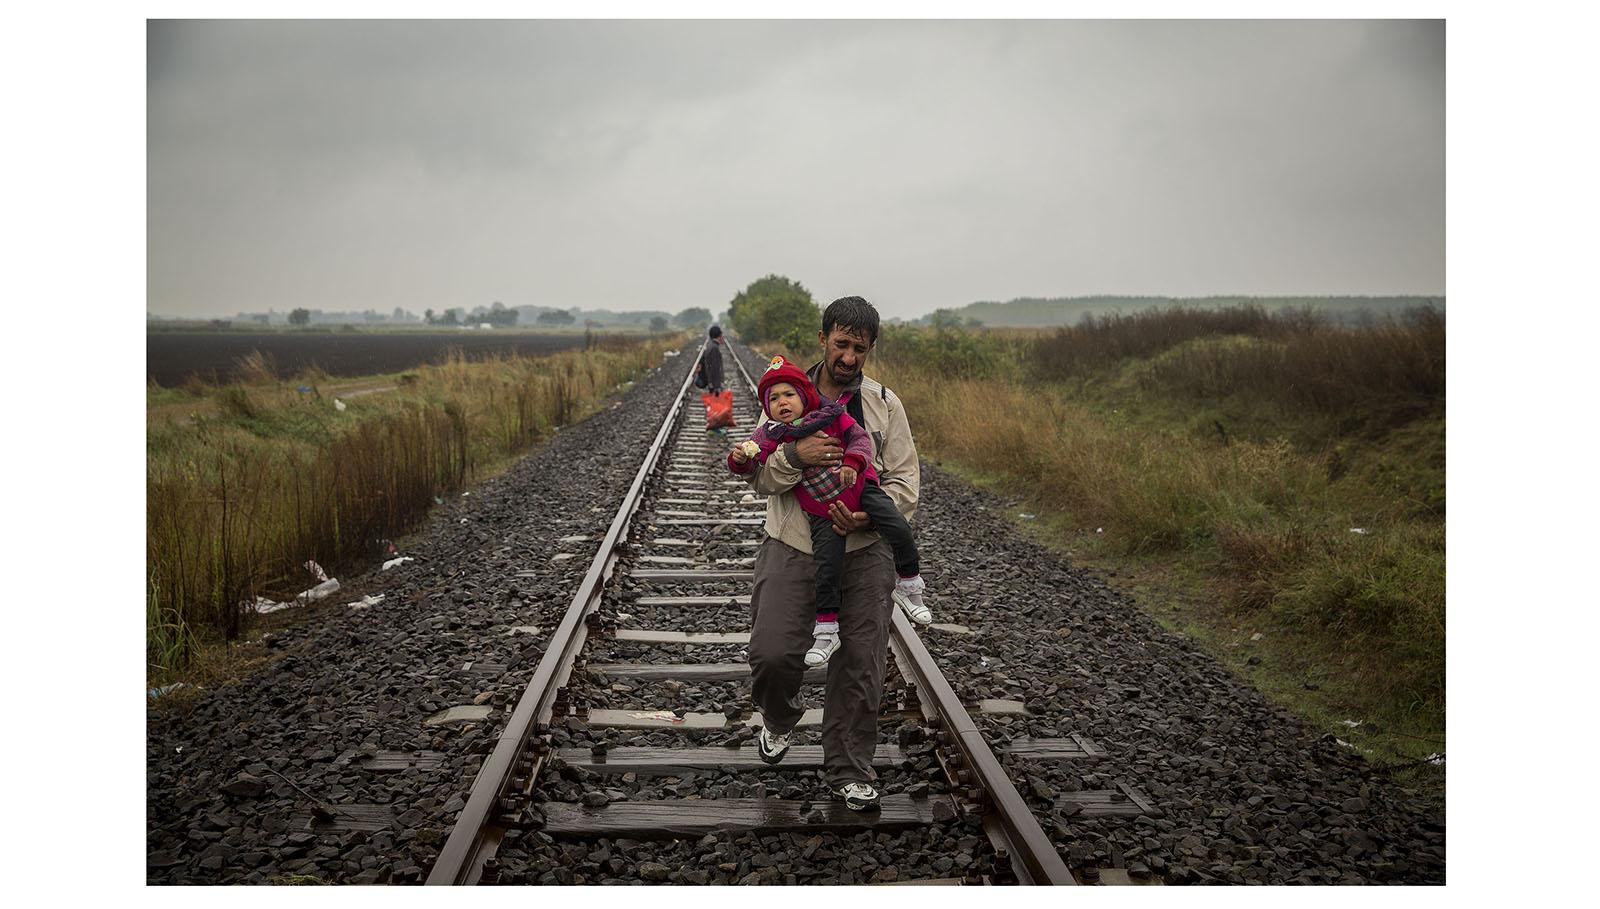 Olmo Calvo. Supervivientes en busca de refugio. 2015-2016 Miles de personas procedentes de países como Siria, Irak o Afganistán abandonaron sus casas huyendo del horror de la guerra, buscando un refugio en Europa donde reanudar su vida. Un periplo en el que familias enteras caminan durante días, viajan en botes hinchables y trenes, aferradas a sus mochilas como únicas pertenencias.